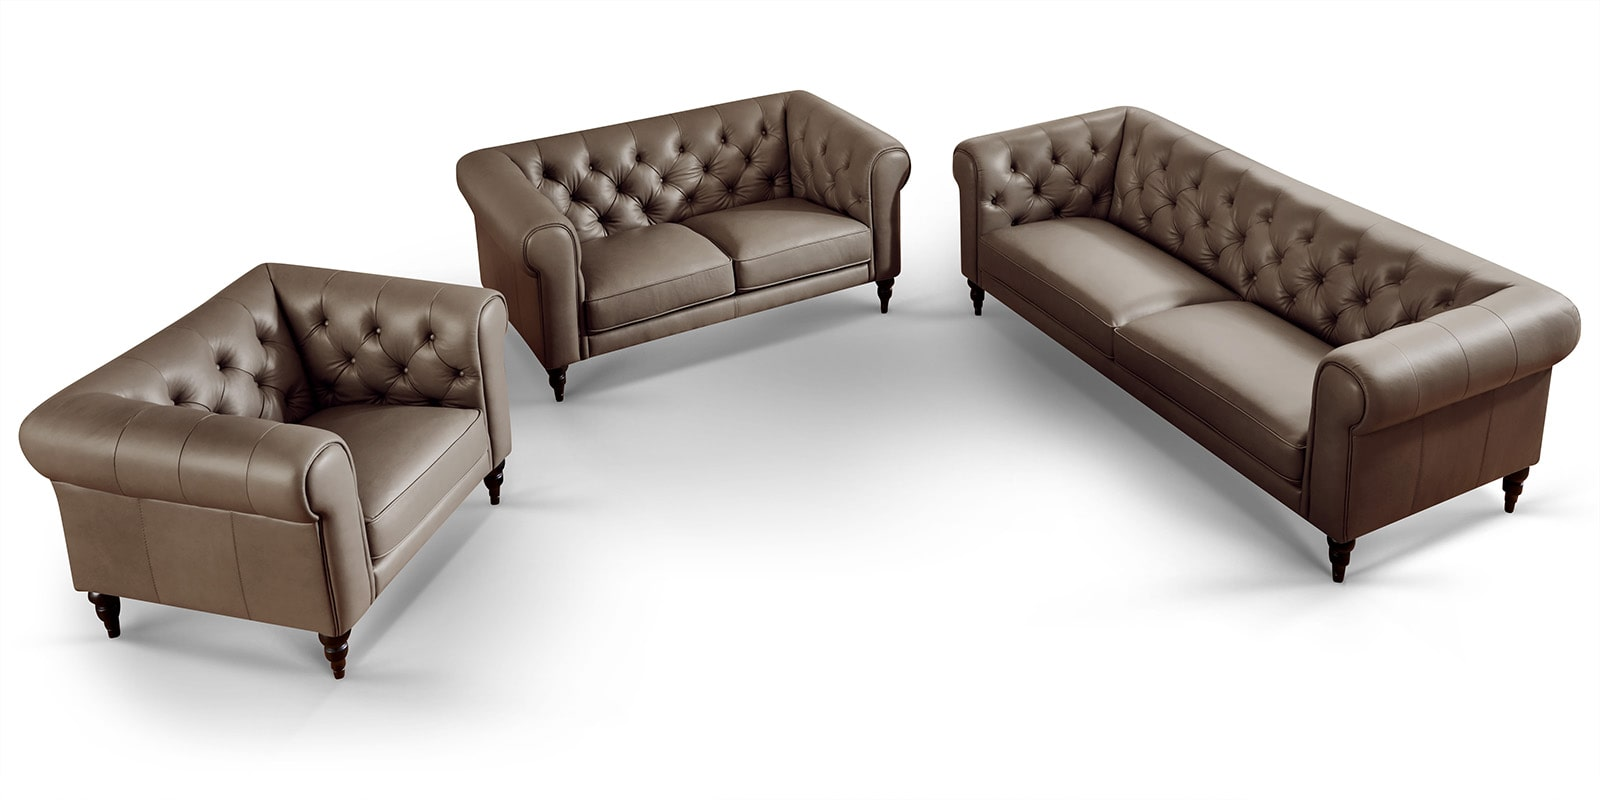 Moebella24 - 3-2-1-Sitzer - Sofa - Hudson - Chesterfield - Leder - Taupe - Dekorative - Nähte - und - Versteppungen - Detailaufnahme